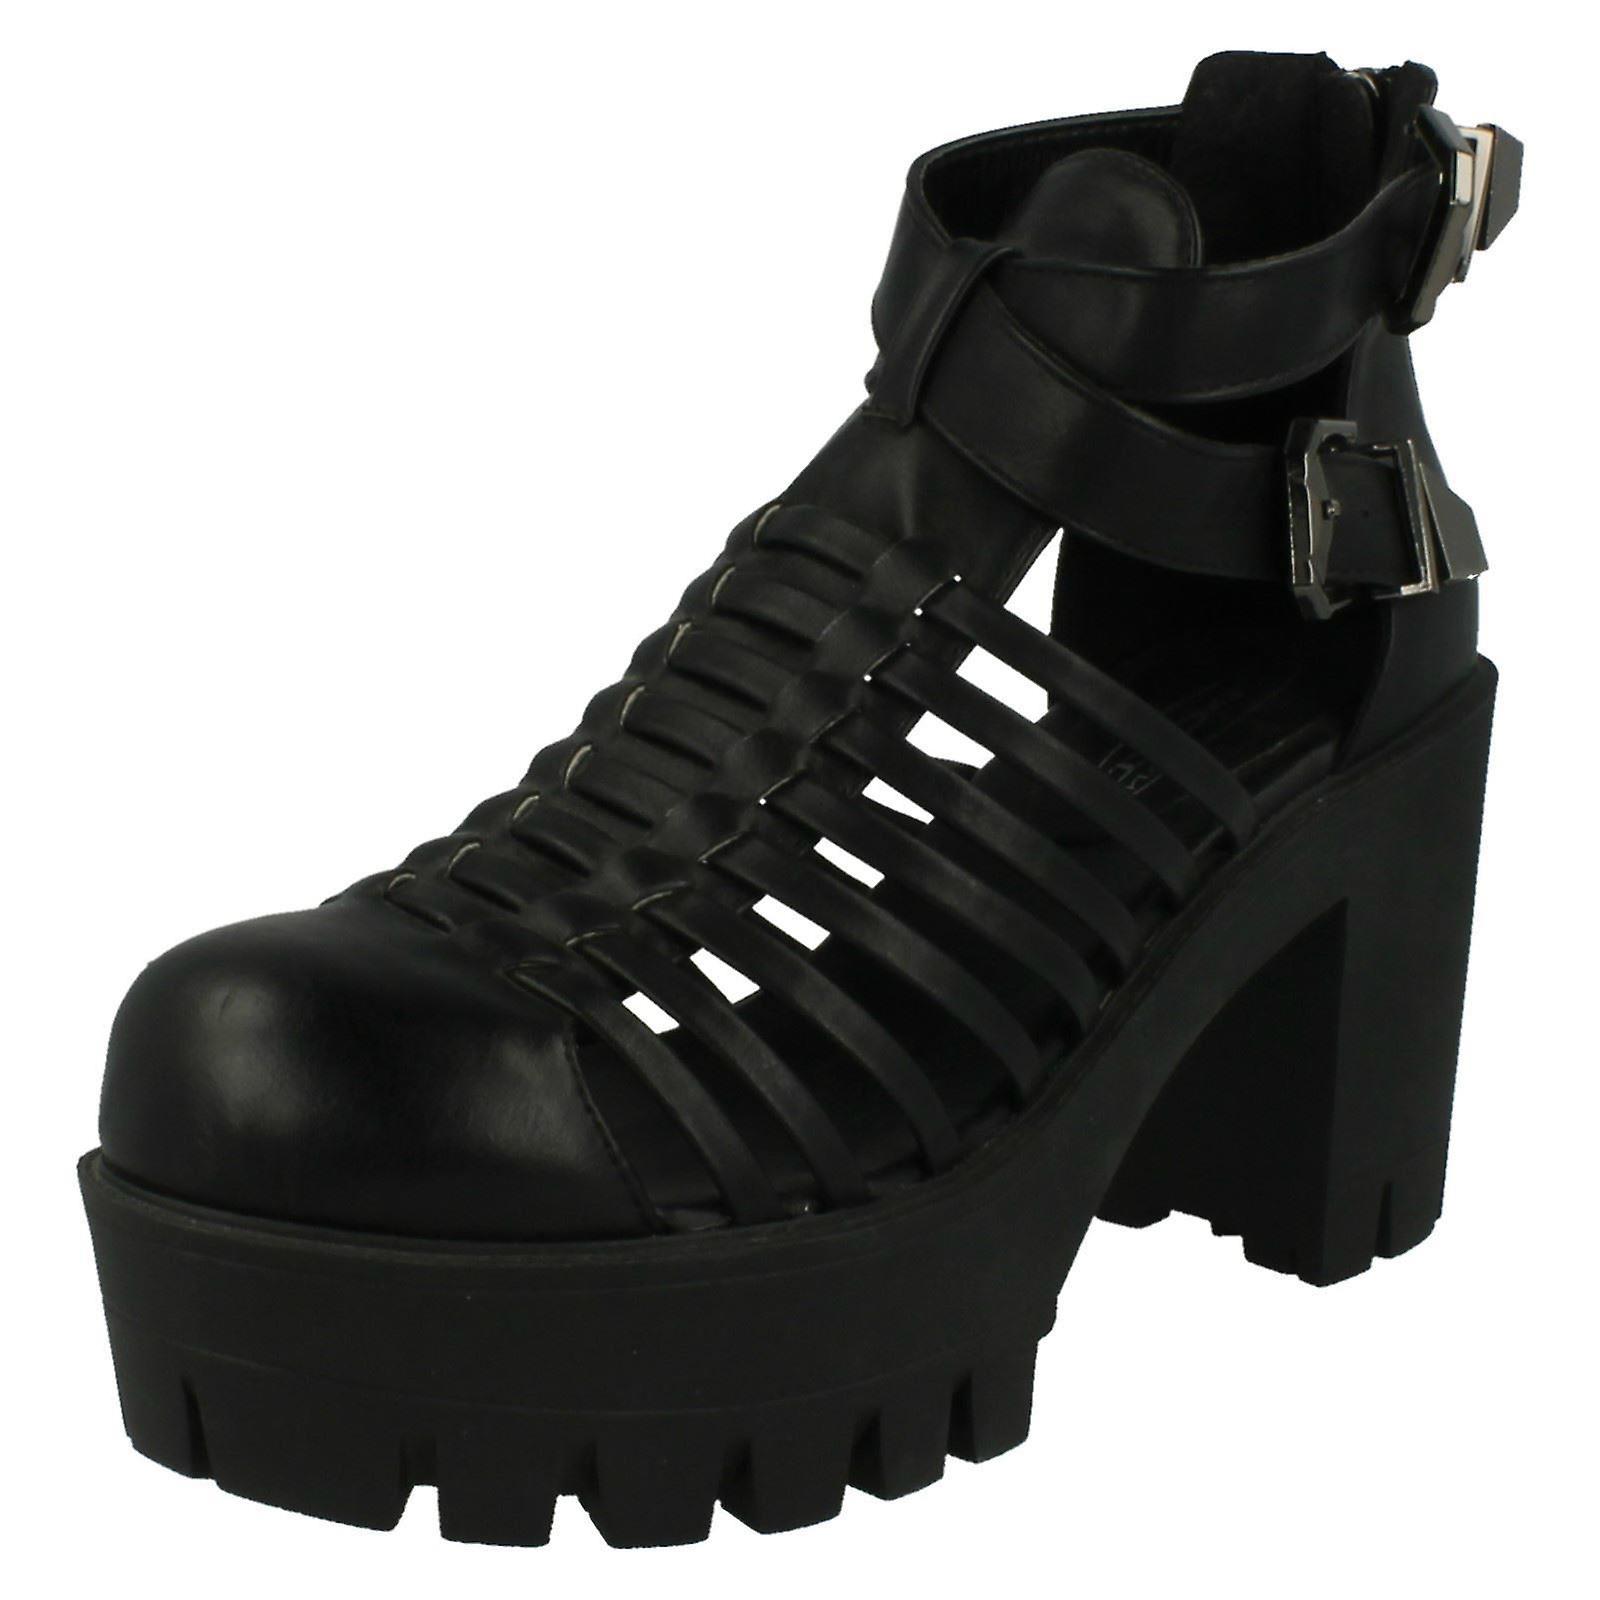 stevige schoenen voor dames